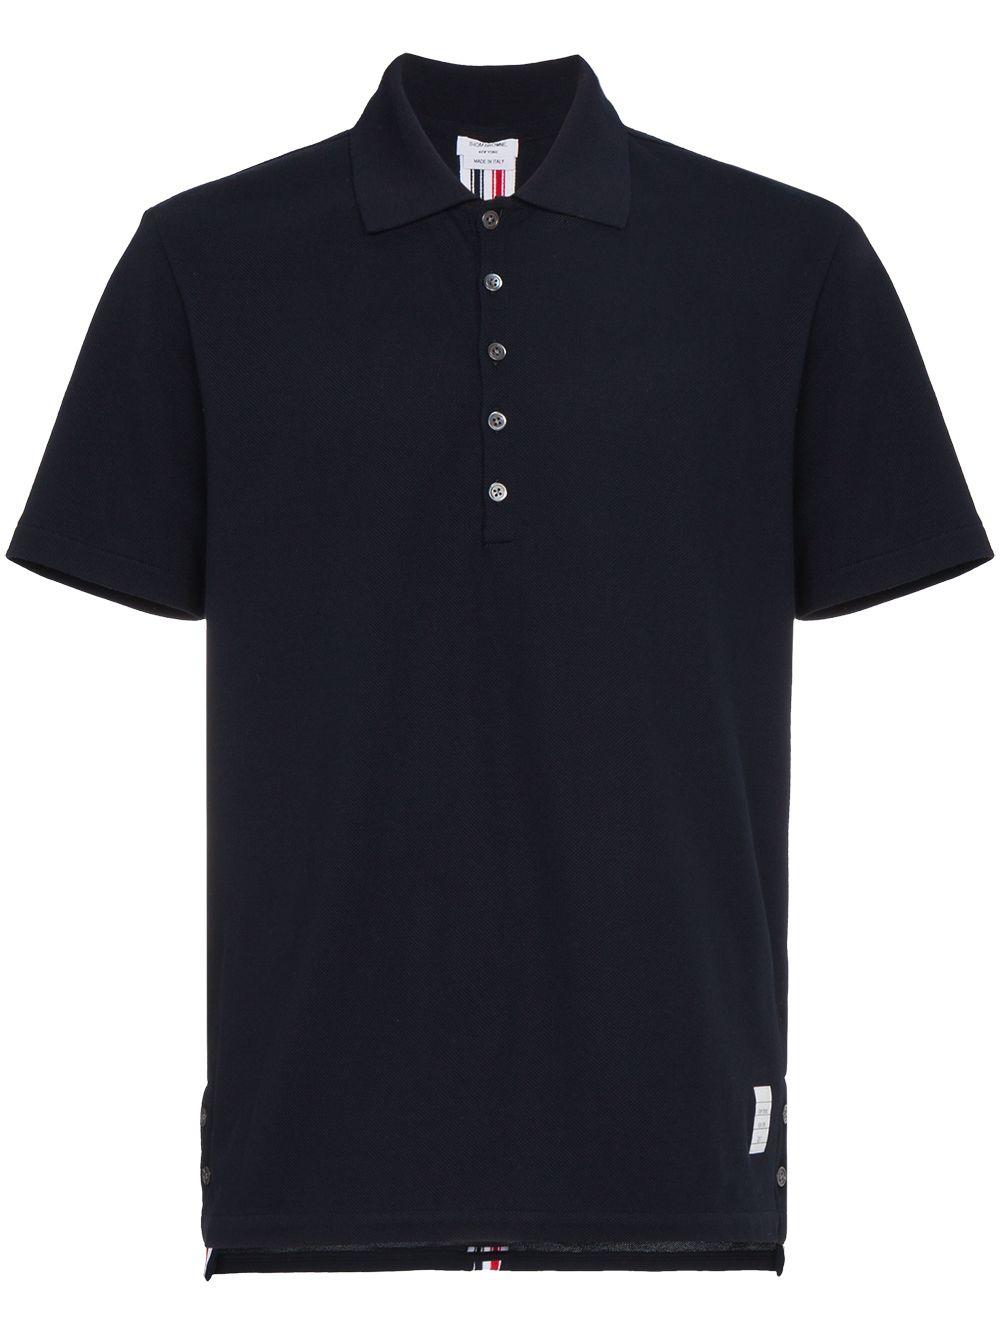 Thom Browne Poloshirt mit dreifarbigen Streifen - Blau